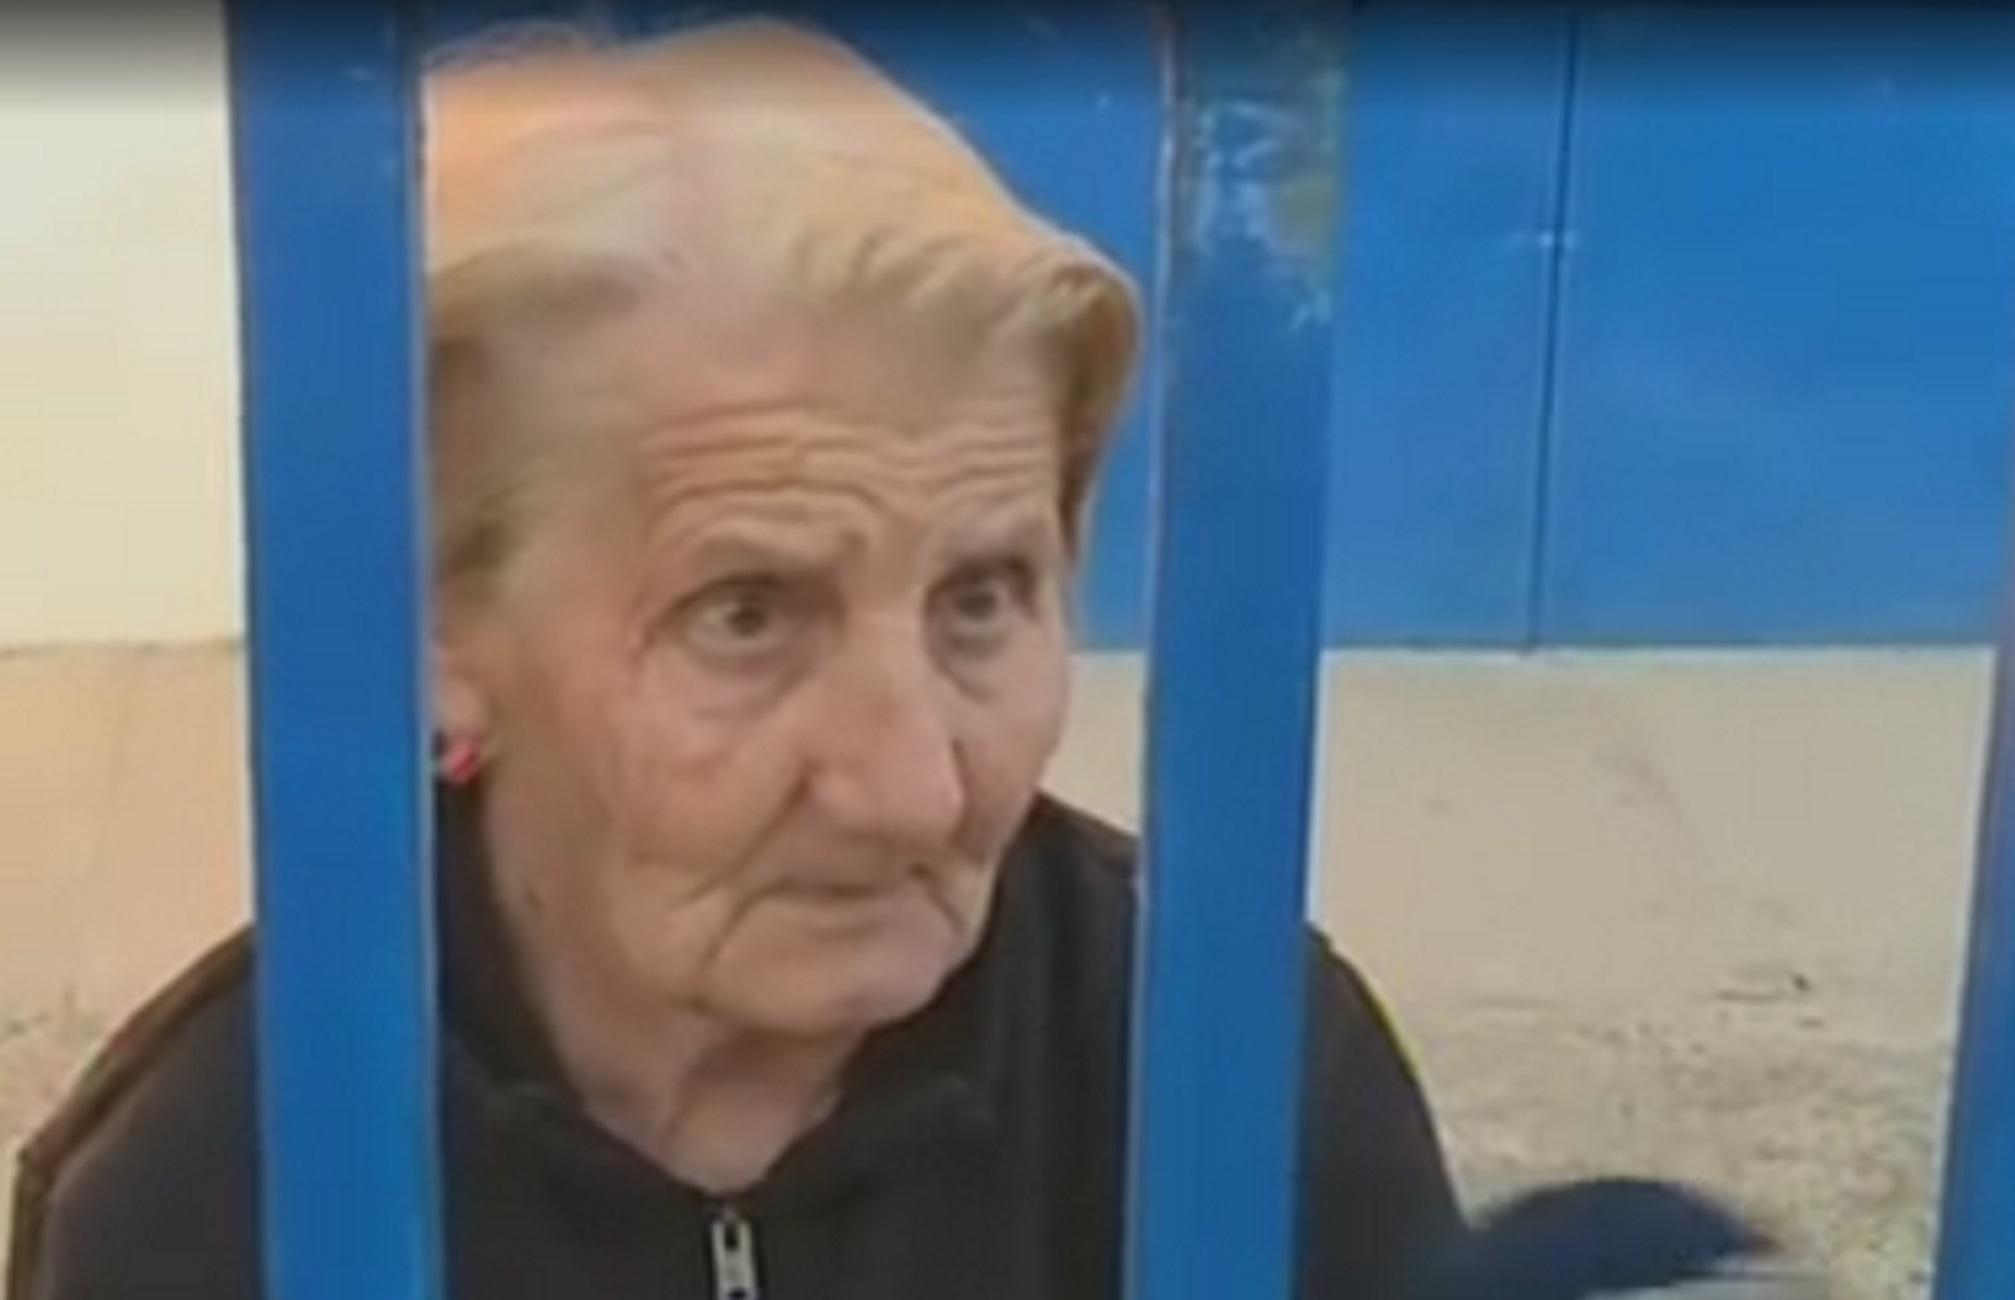 Θεσσαλονίκη: Νέες μαρτυρίες για το μικρό αγοράκι που έπεσε σε βόθρο και σκοτώθηκε – Οι τελευταίες στιγμές